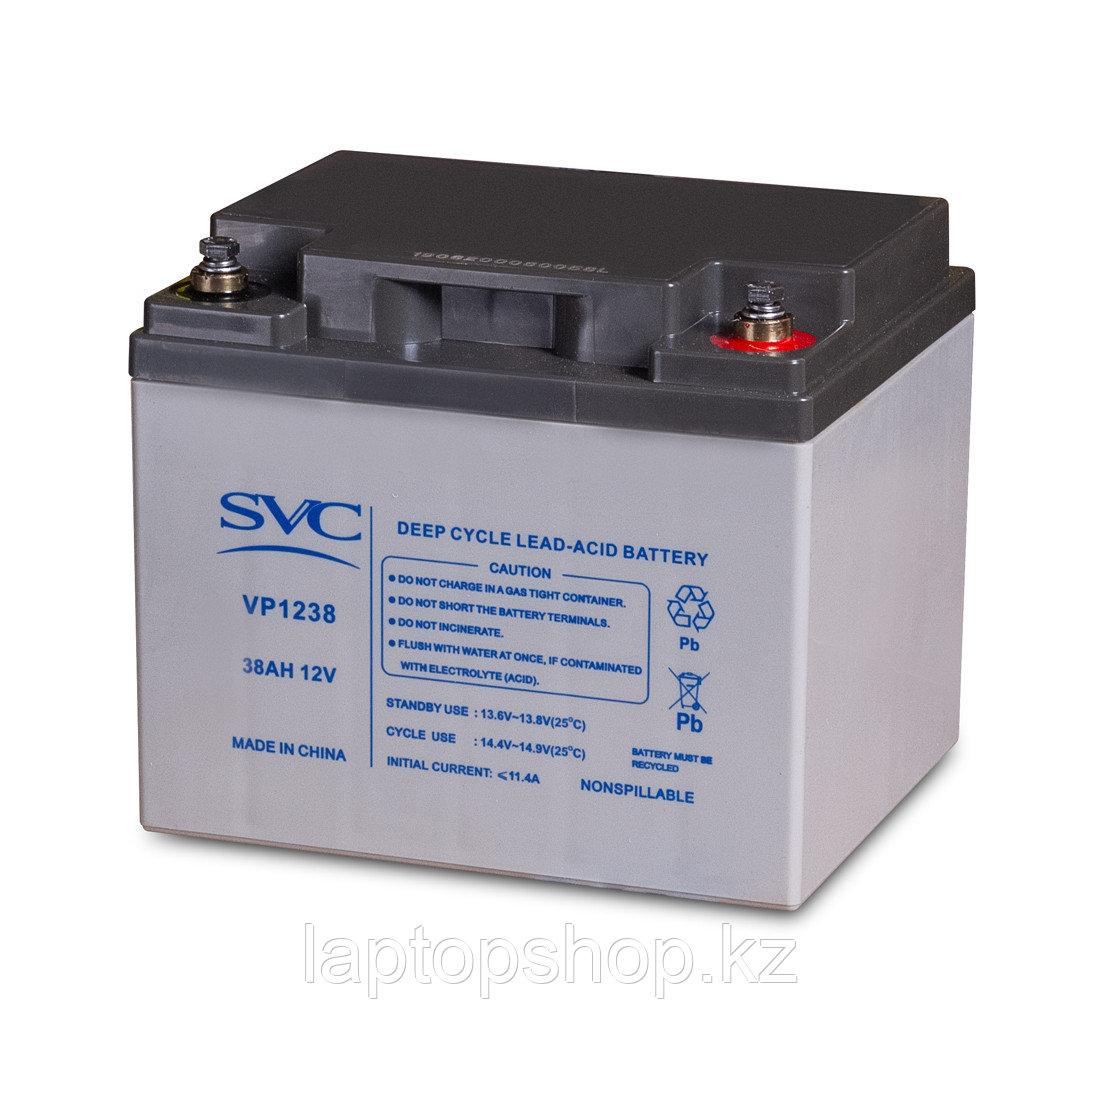 Аккумуляторная батарея SVC VP1238, 12В 38 Ач